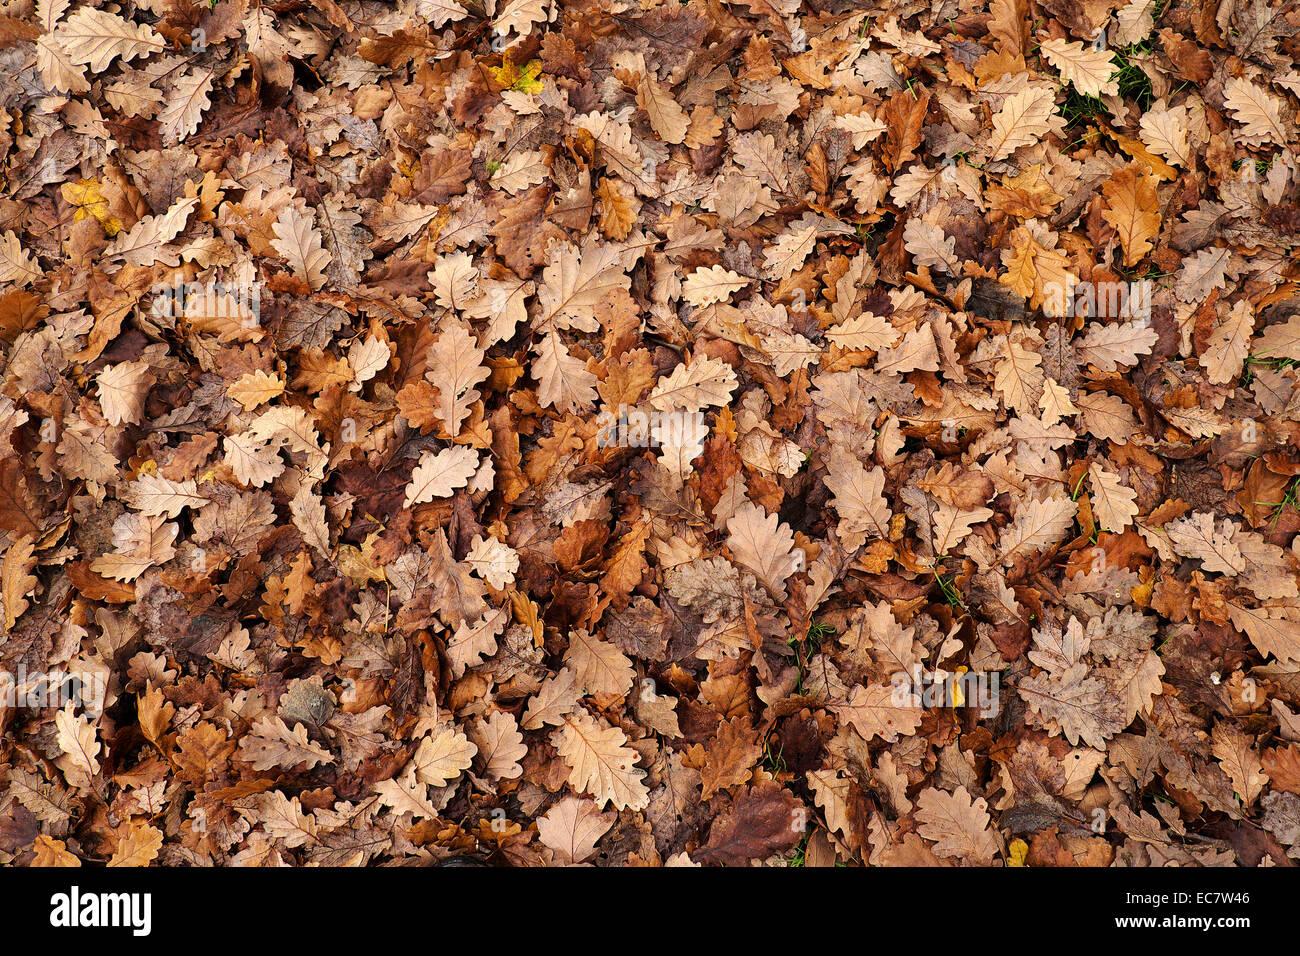 Ein Teppich aus Eiche Blätter im Herbst. Stockbild